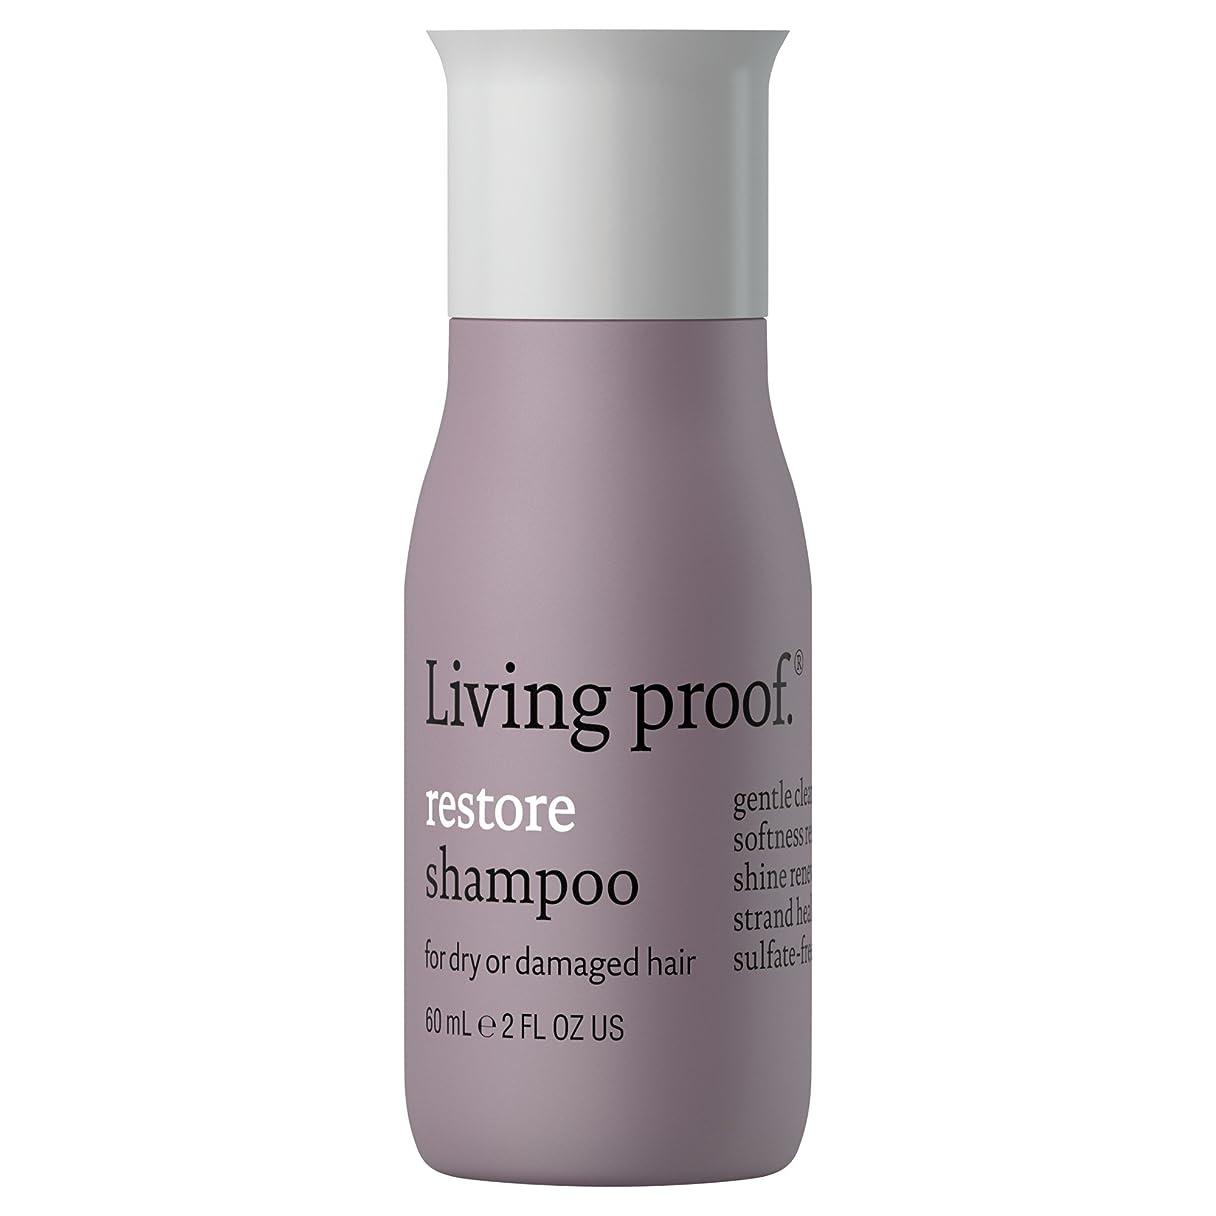 ごちそうルーチンエジプト生きている証拠はシャンプー60ミリリットルを復元します (Living Proof) (x6) - Living Proof Restore Shampoo 60ml (Pack of 6) [並行輸入品]